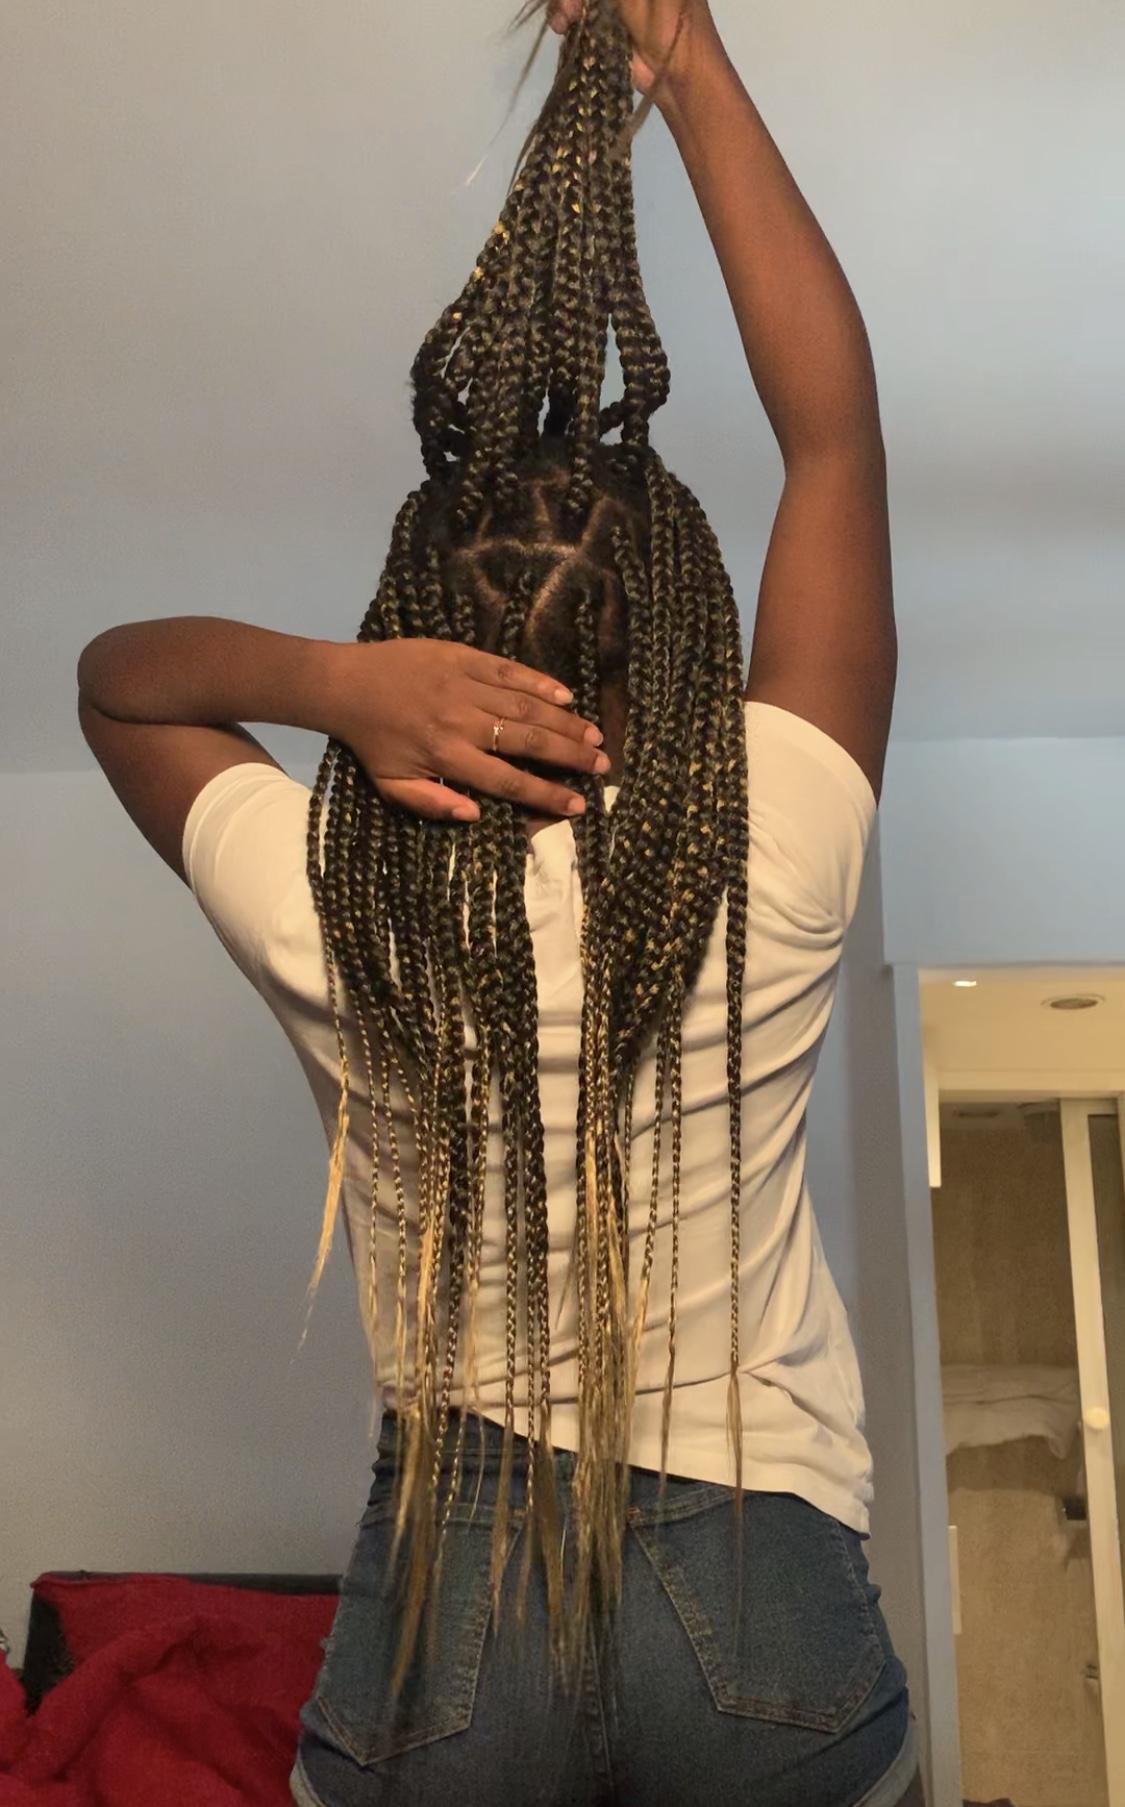 salon de coiffure afro tresse tresses box braids crochet braids vanilles tissages paris 75 77 78 91 92 93 94 95 QXYOIHUX